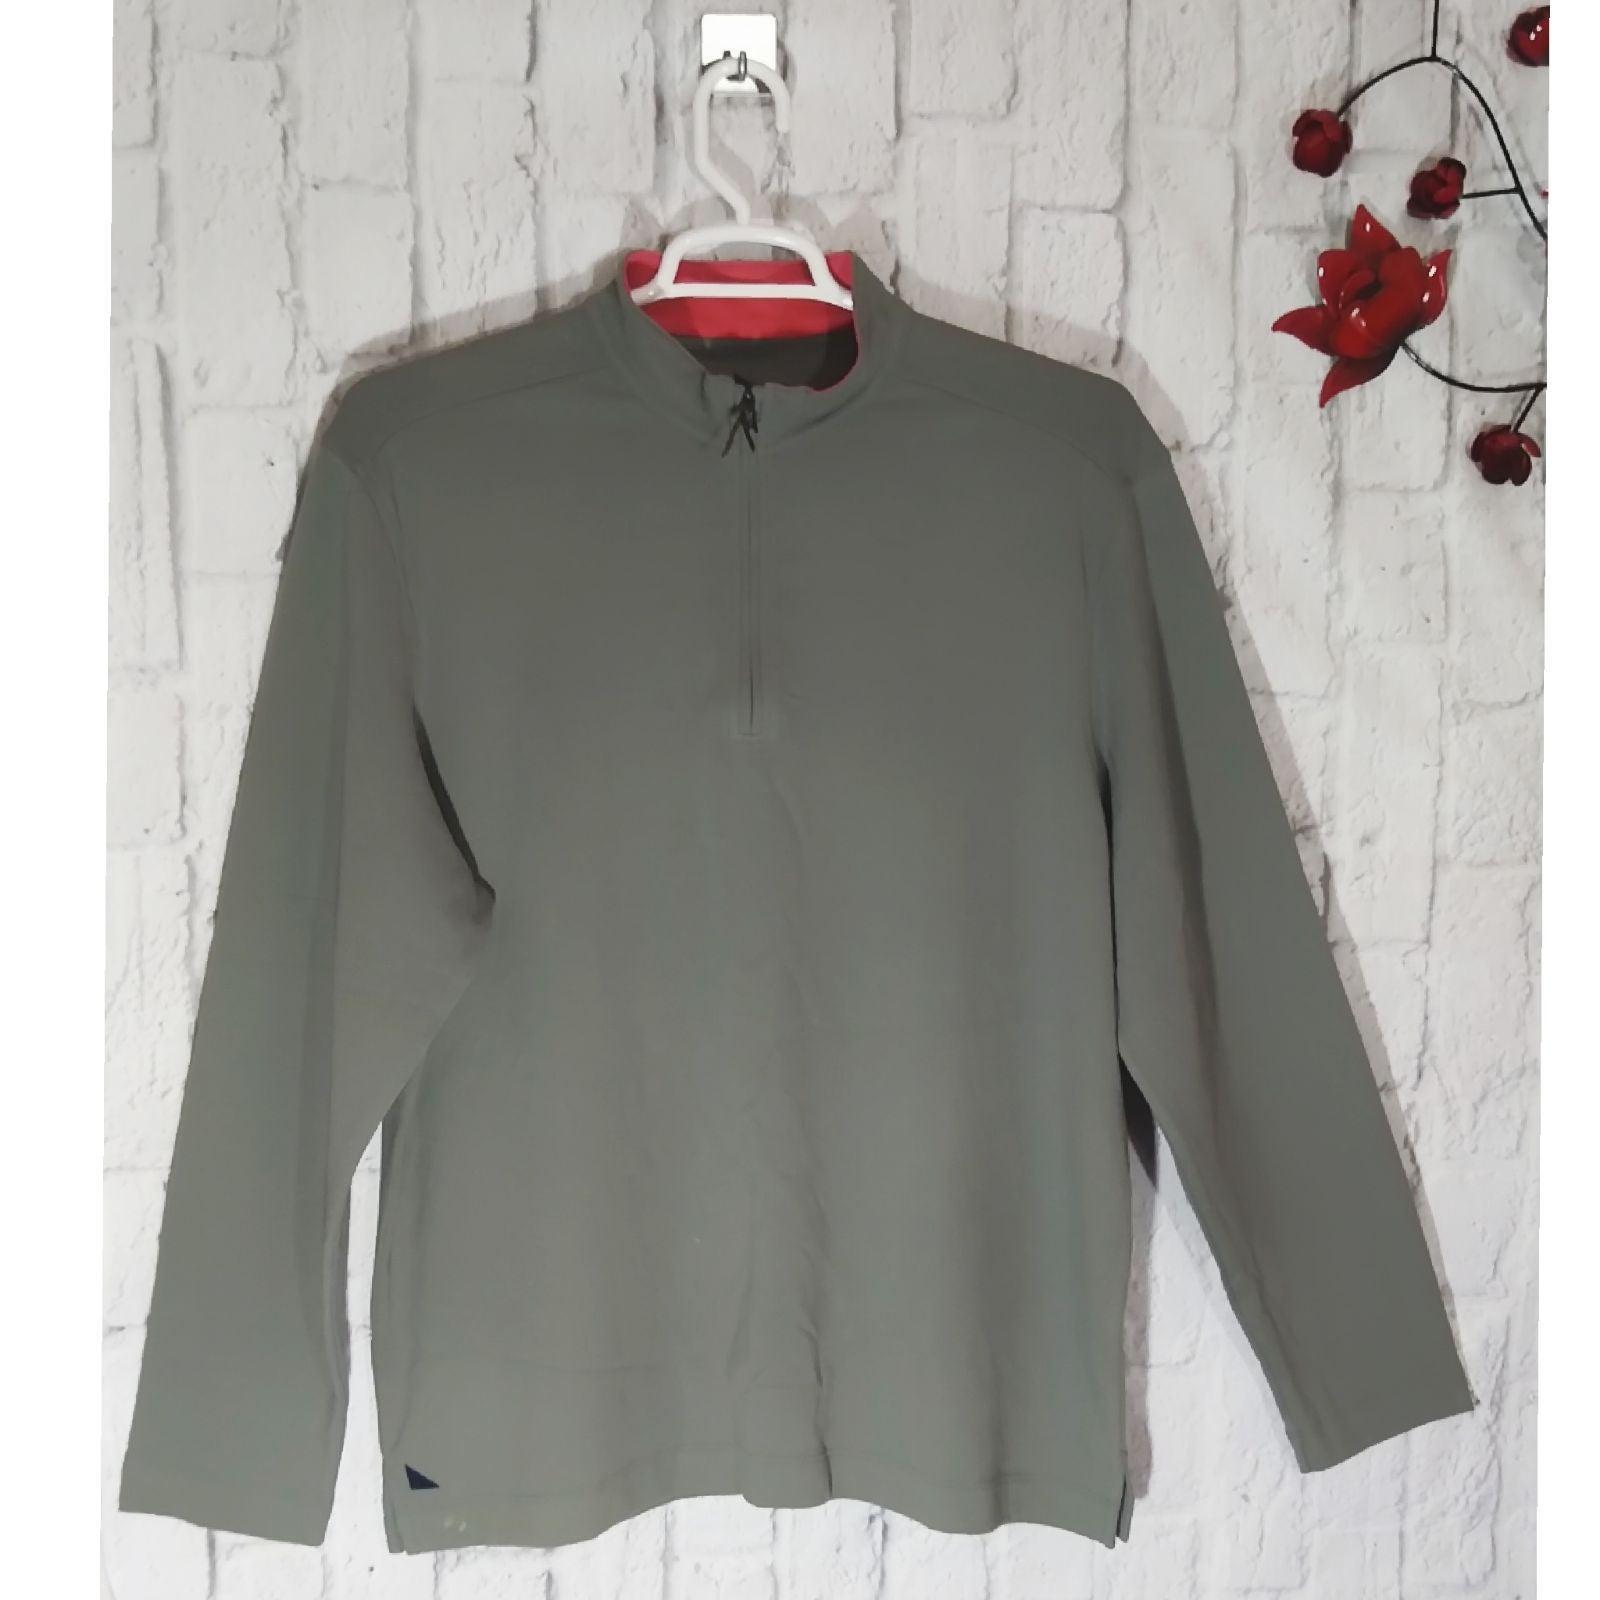 Untuckit 1/4 Zip Pullover Sweatshirt